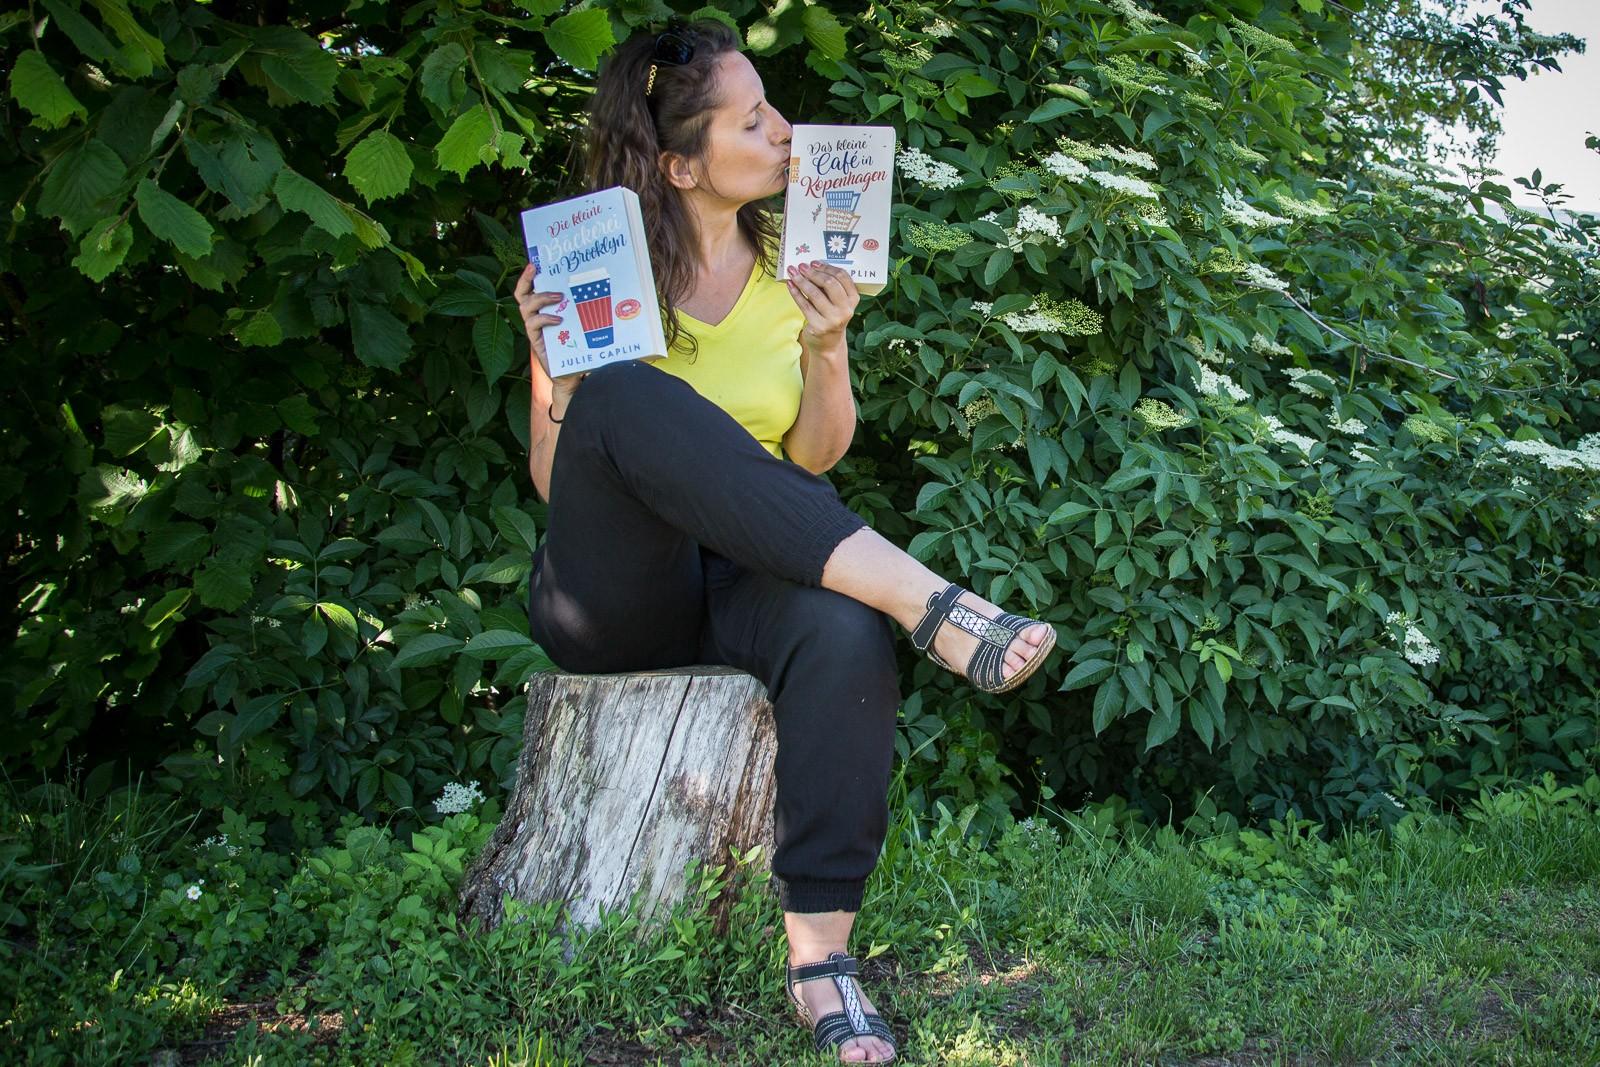 Julie Caplin - Kleine, köstliche Lebenswege Reihe - Lesefreude